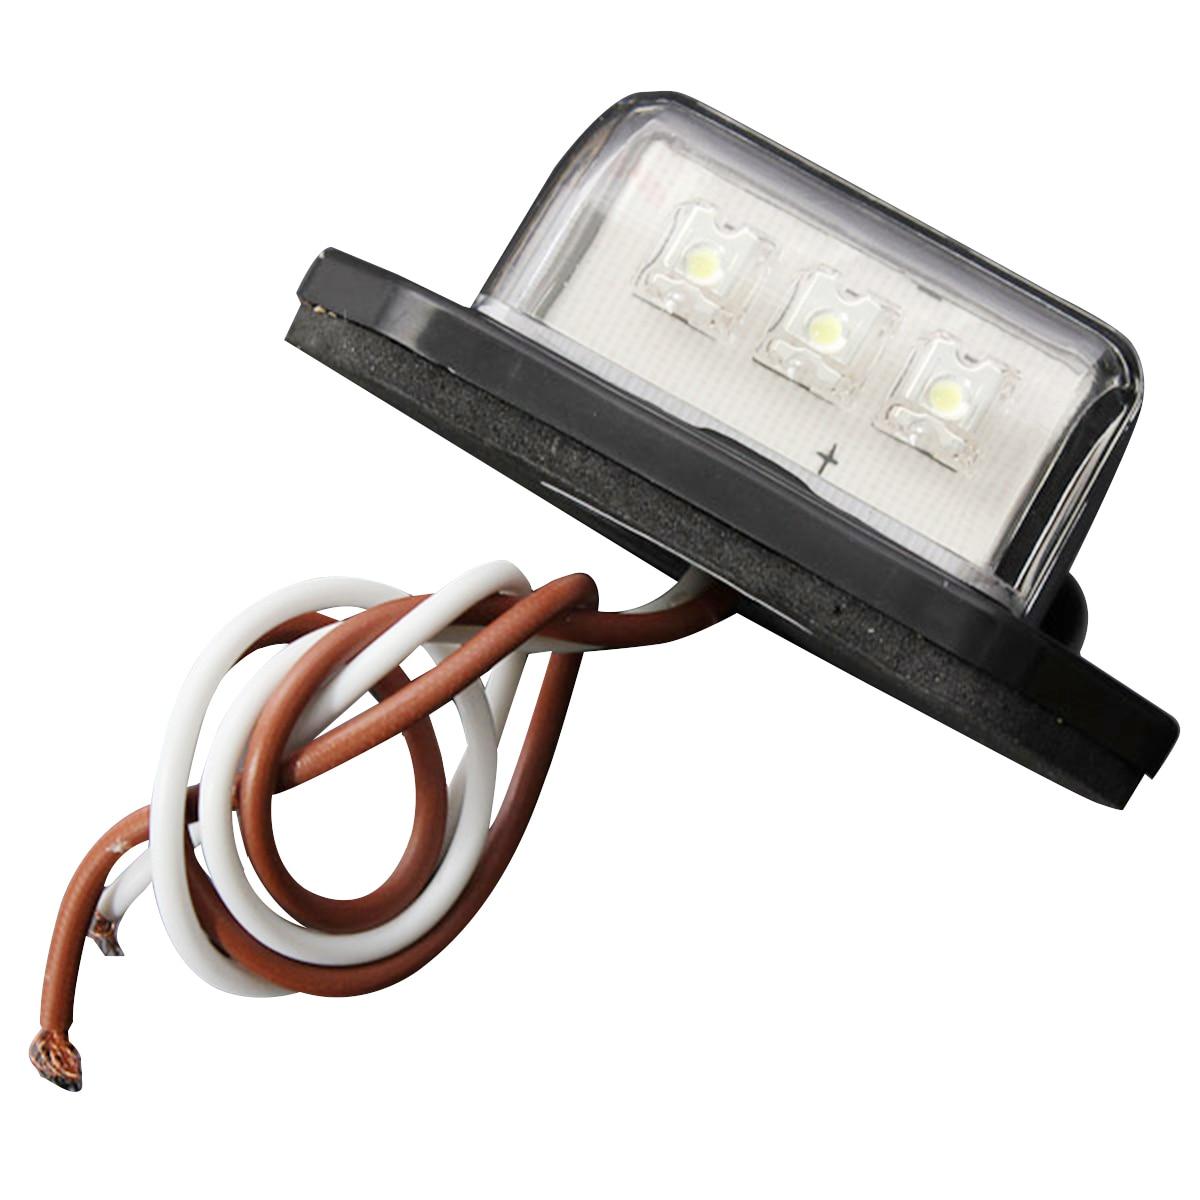 New 12/24V 3 LED LICENSE PLATE TAG LIGHT BOAT RV TRUCK TRAILER INTERIOR STEP LAMP smaart v 7 new license